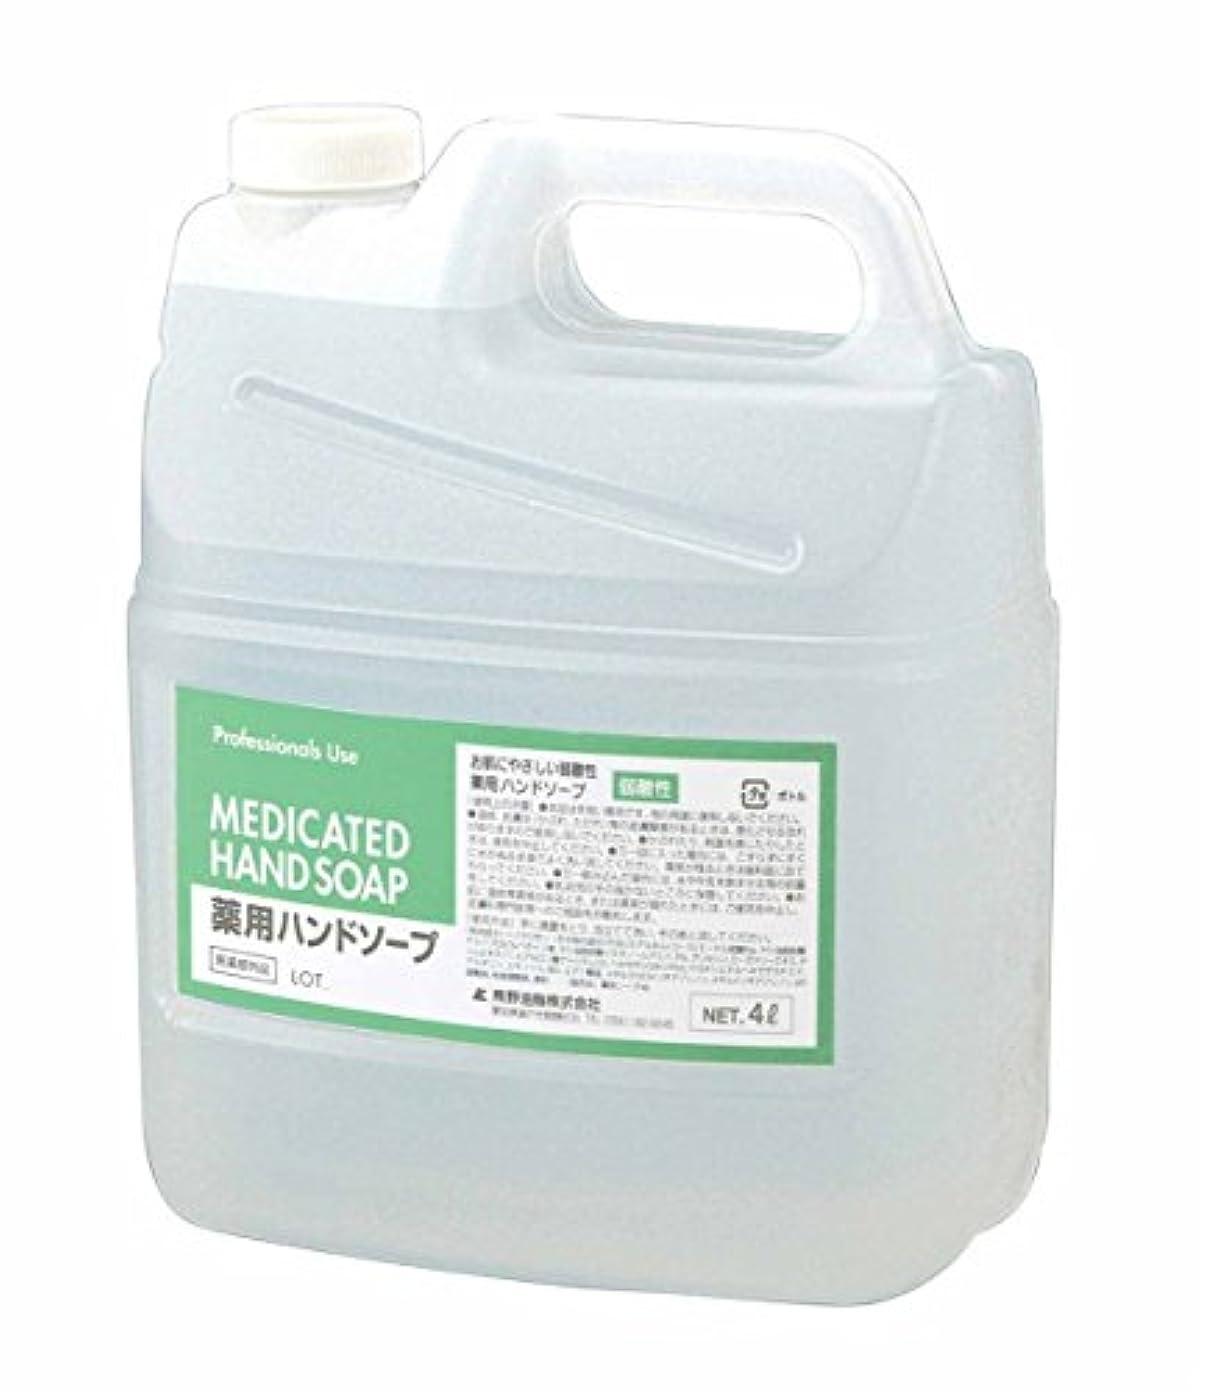 ファーマアクト 弱酸性薬用ハンドソープ 4L